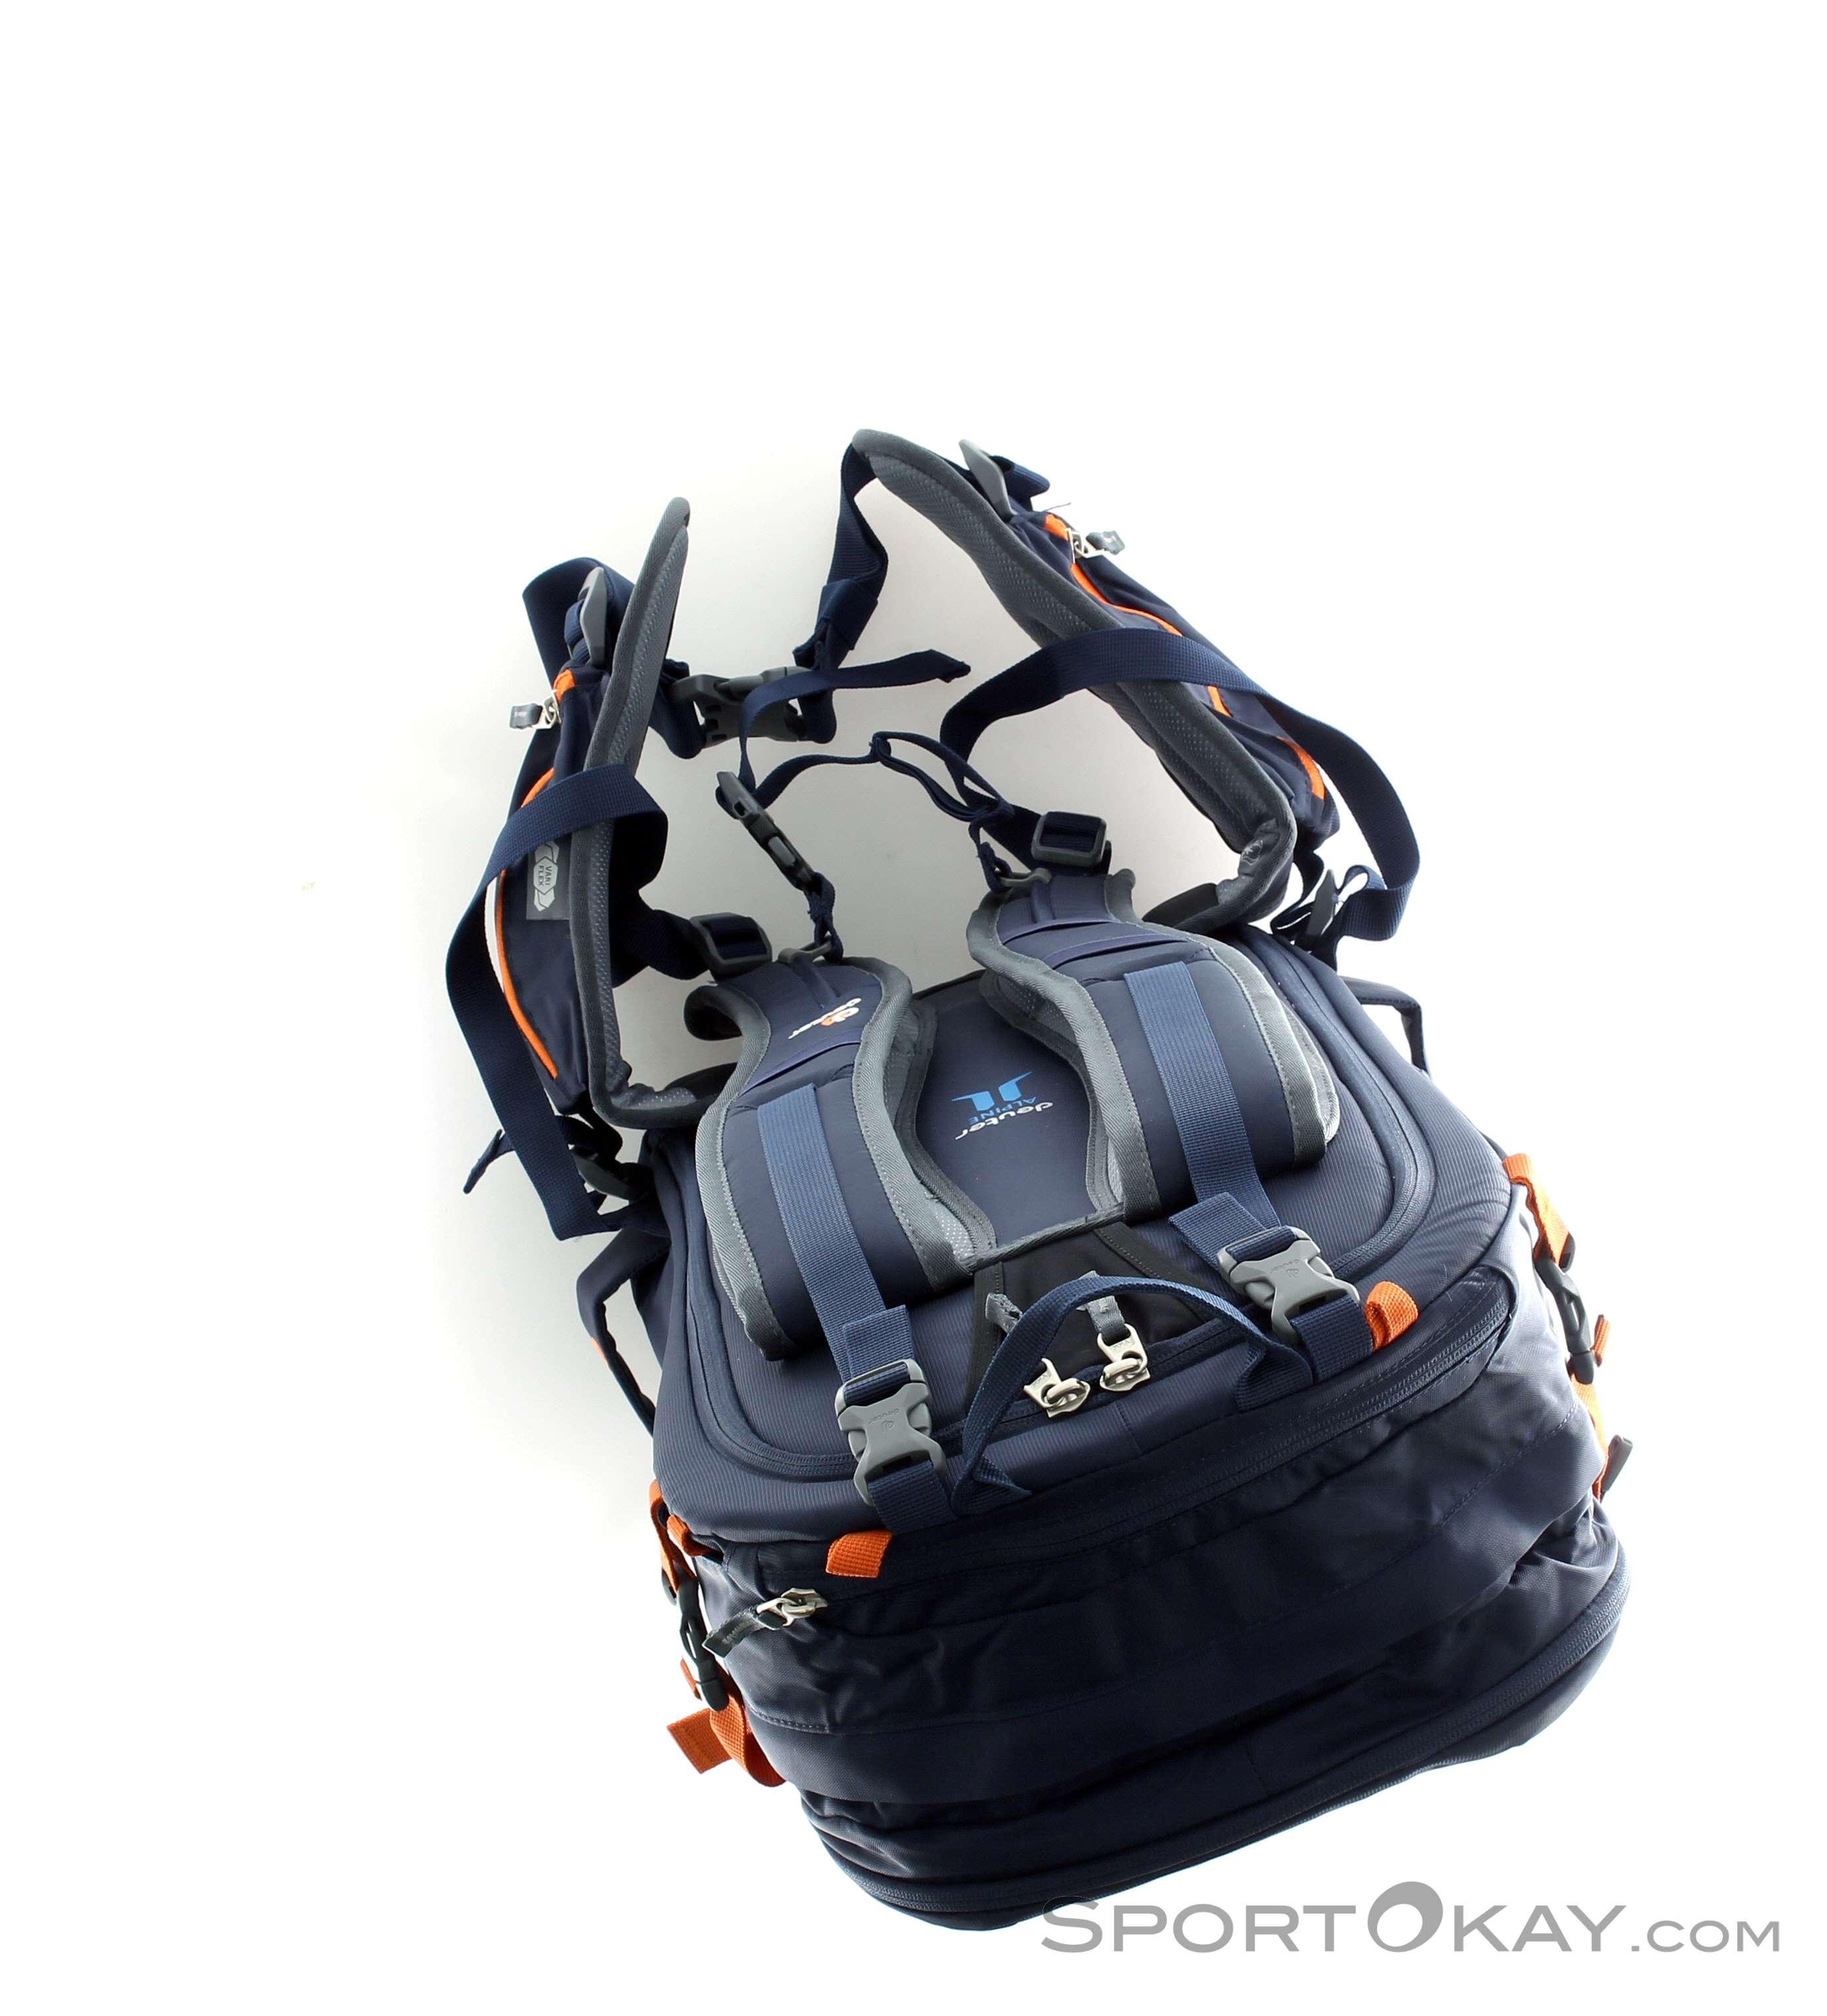 effe2b8fc8 Deuter Freerider Pro 30l Backpack - Backpacks - Safety - Ski ...